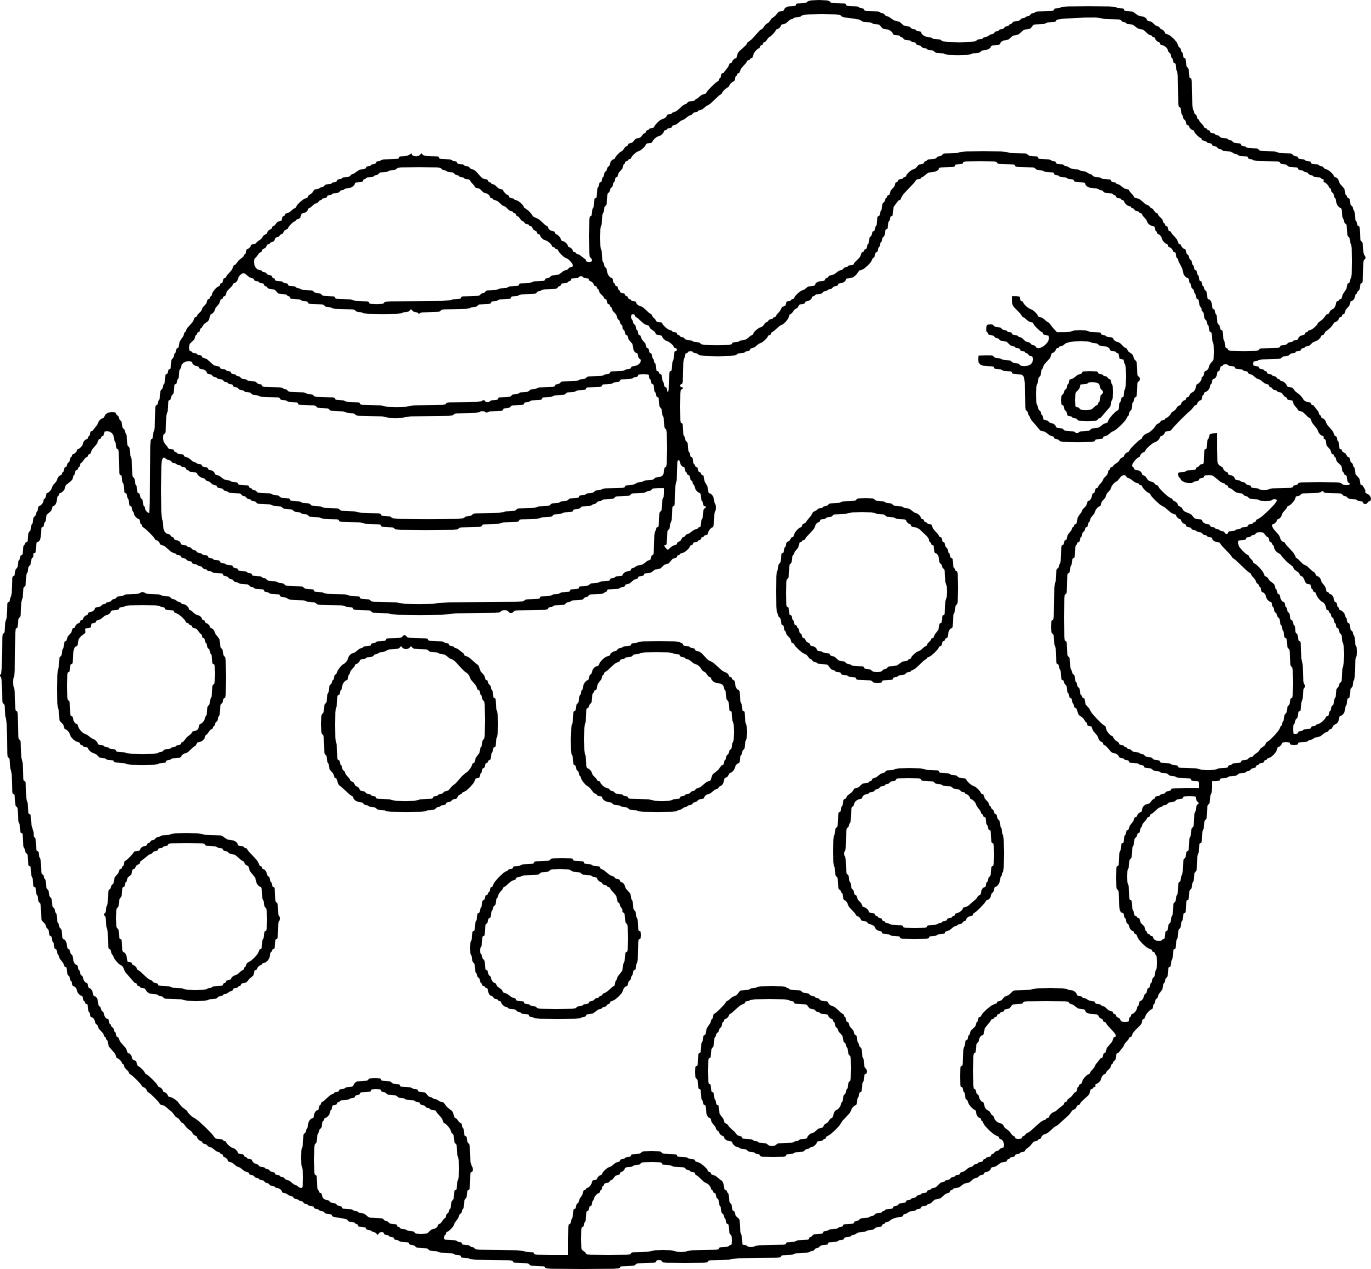 Coloriage Poule De Pâques À Imprimer à Coloriage Paques Gratuit A Imprimer